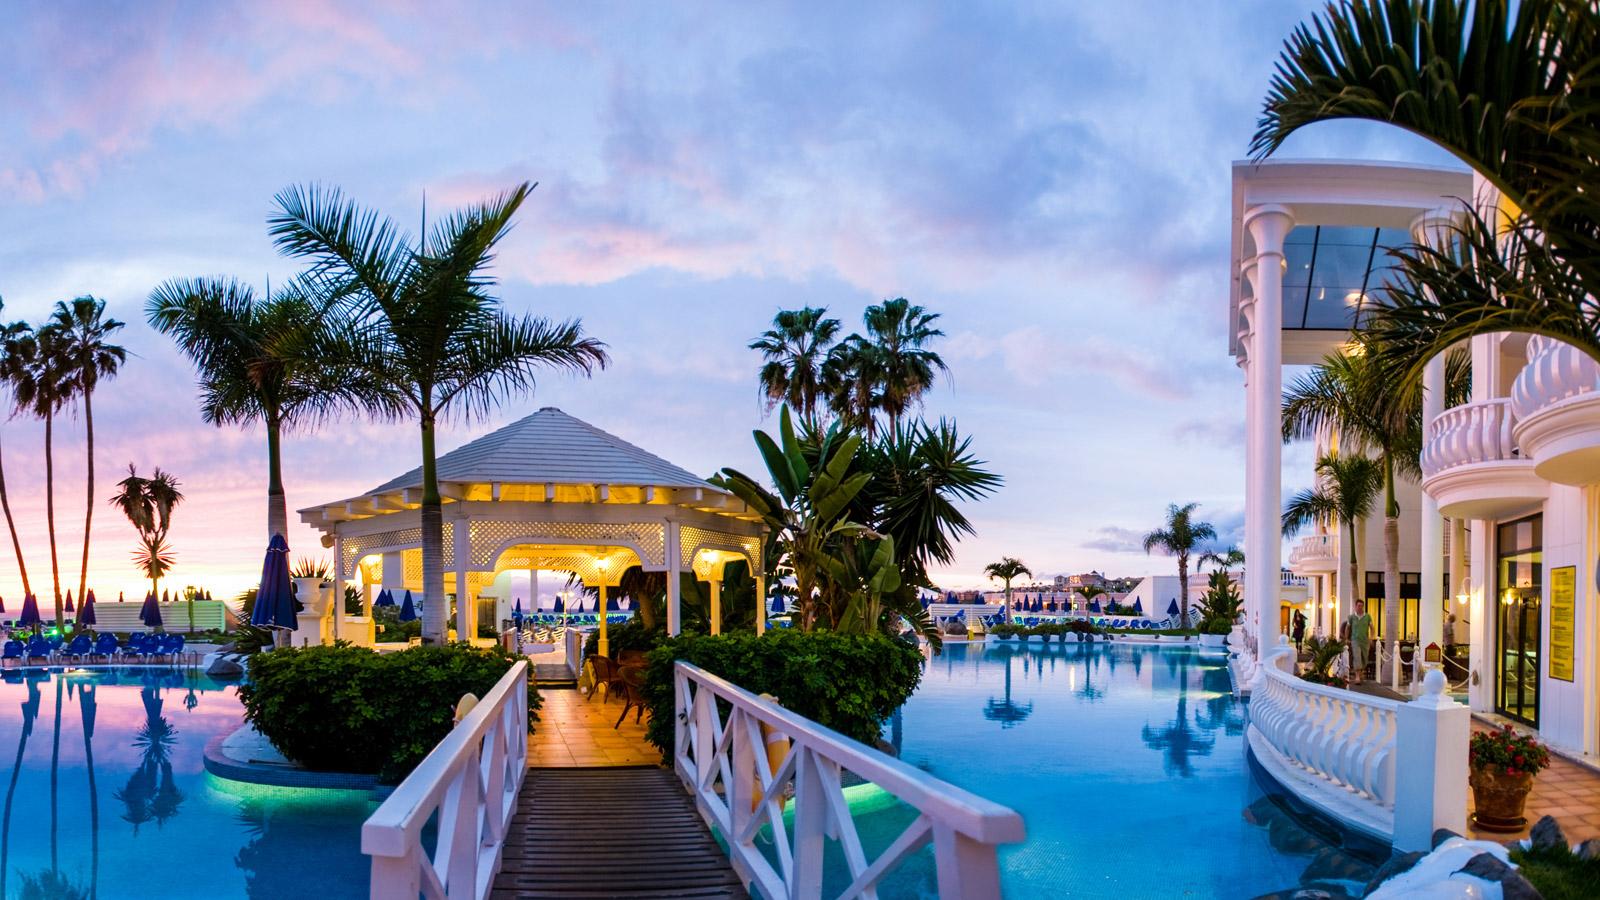 Oferta viaje tenerife sur desde 550 felicesvacaciones for Hoteles para 5 personas